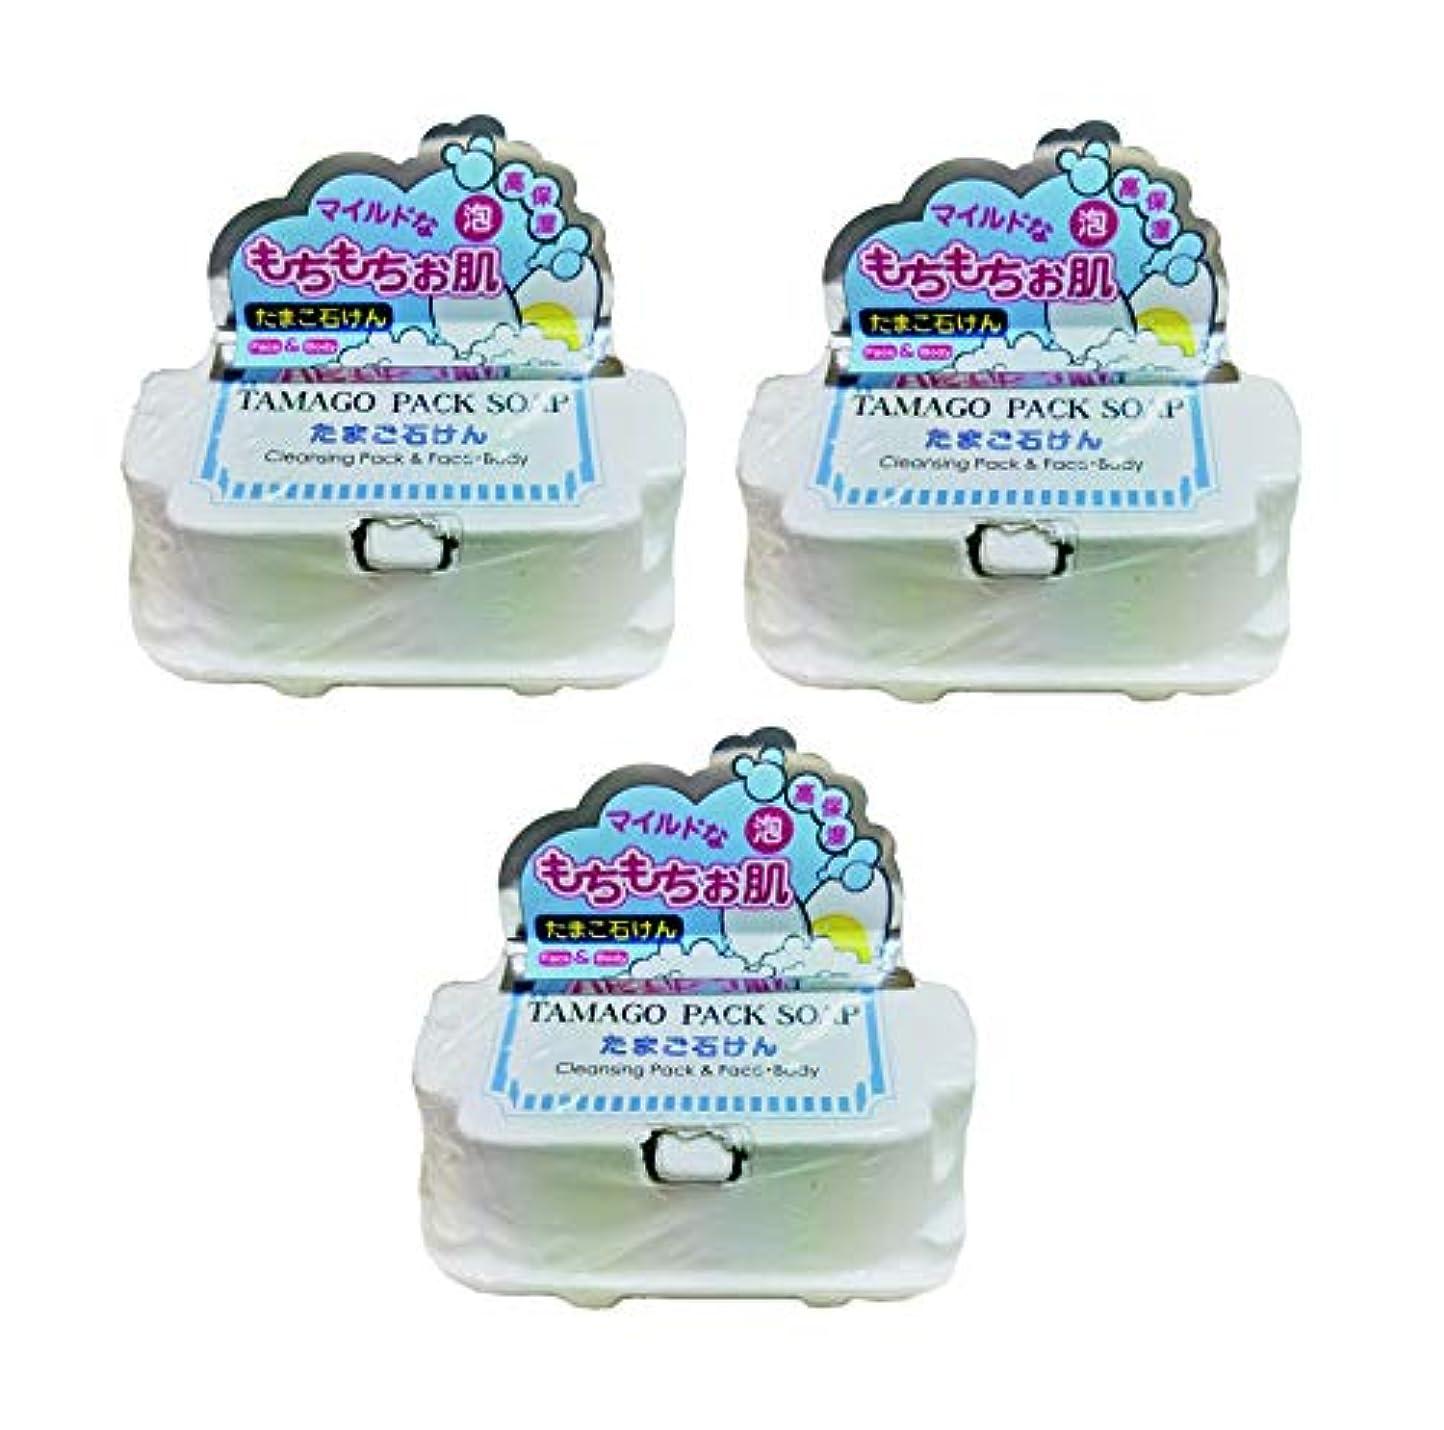 事アスリートオーナーシンビジャパン たまご石けん TAMAGO PACK SOAP フェイス?ボディ用 (50g×2個入)×3個セット